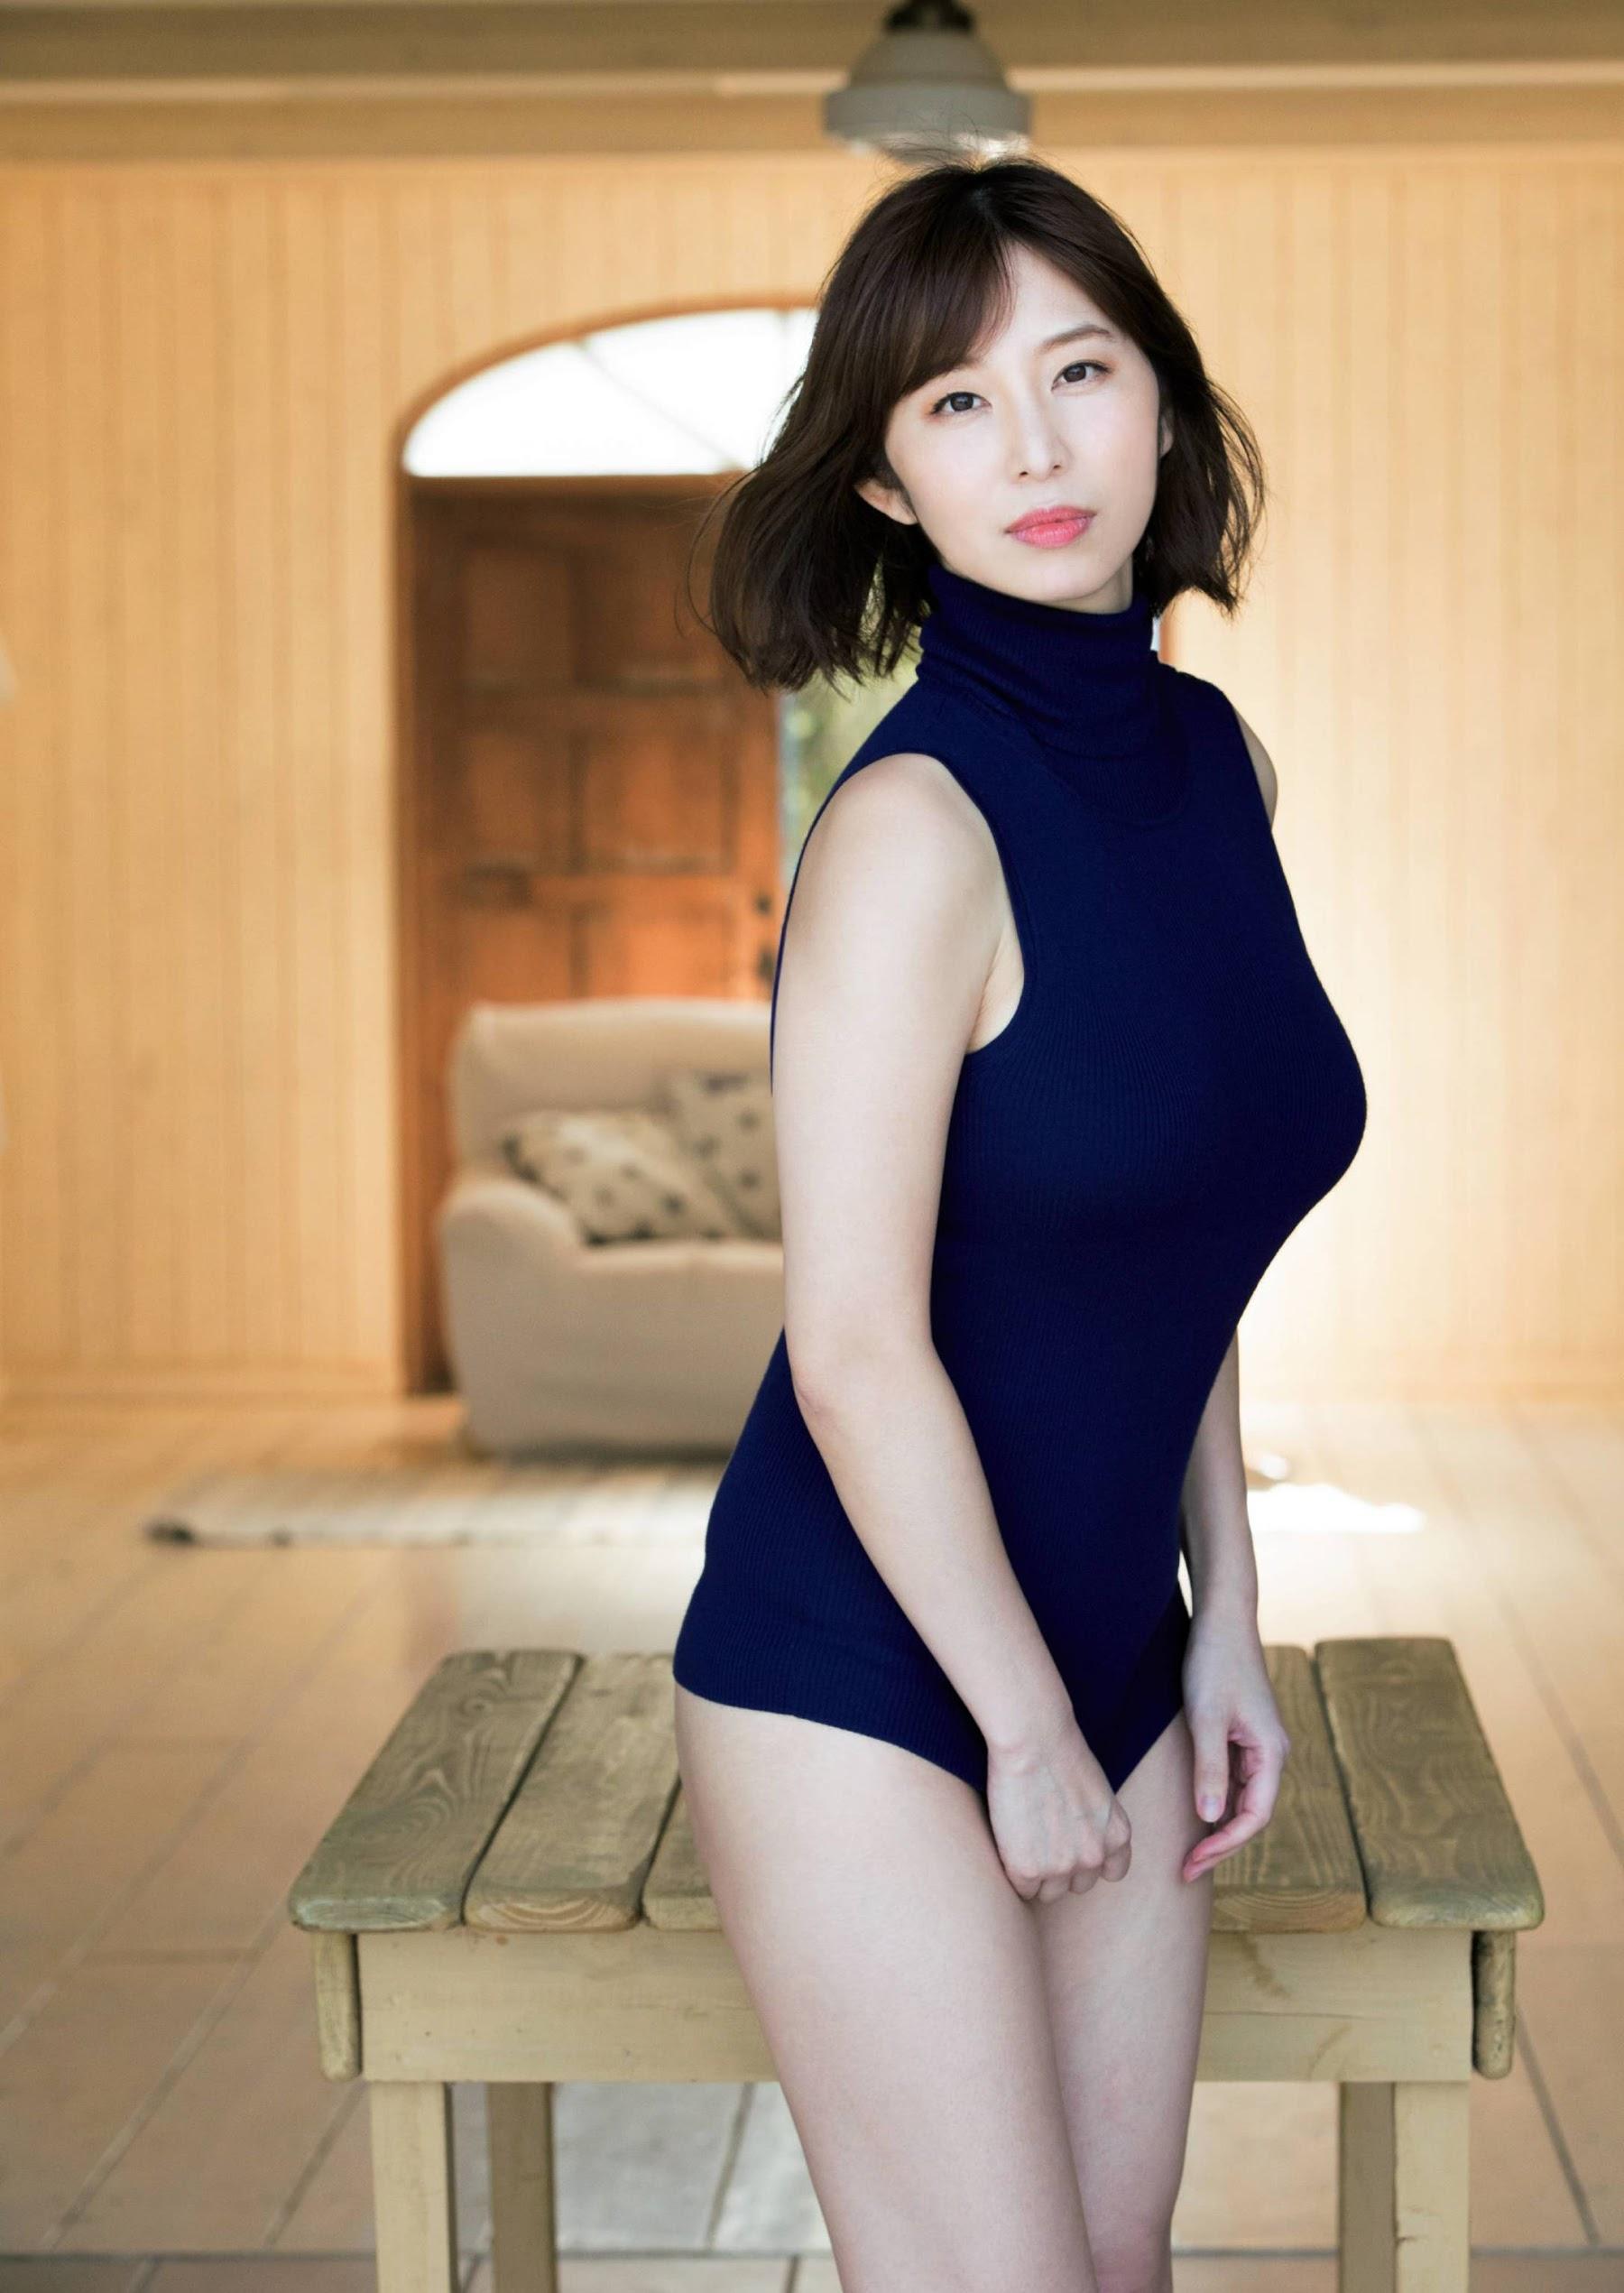 Misumi Shiochi, a female announcer in her underwear002